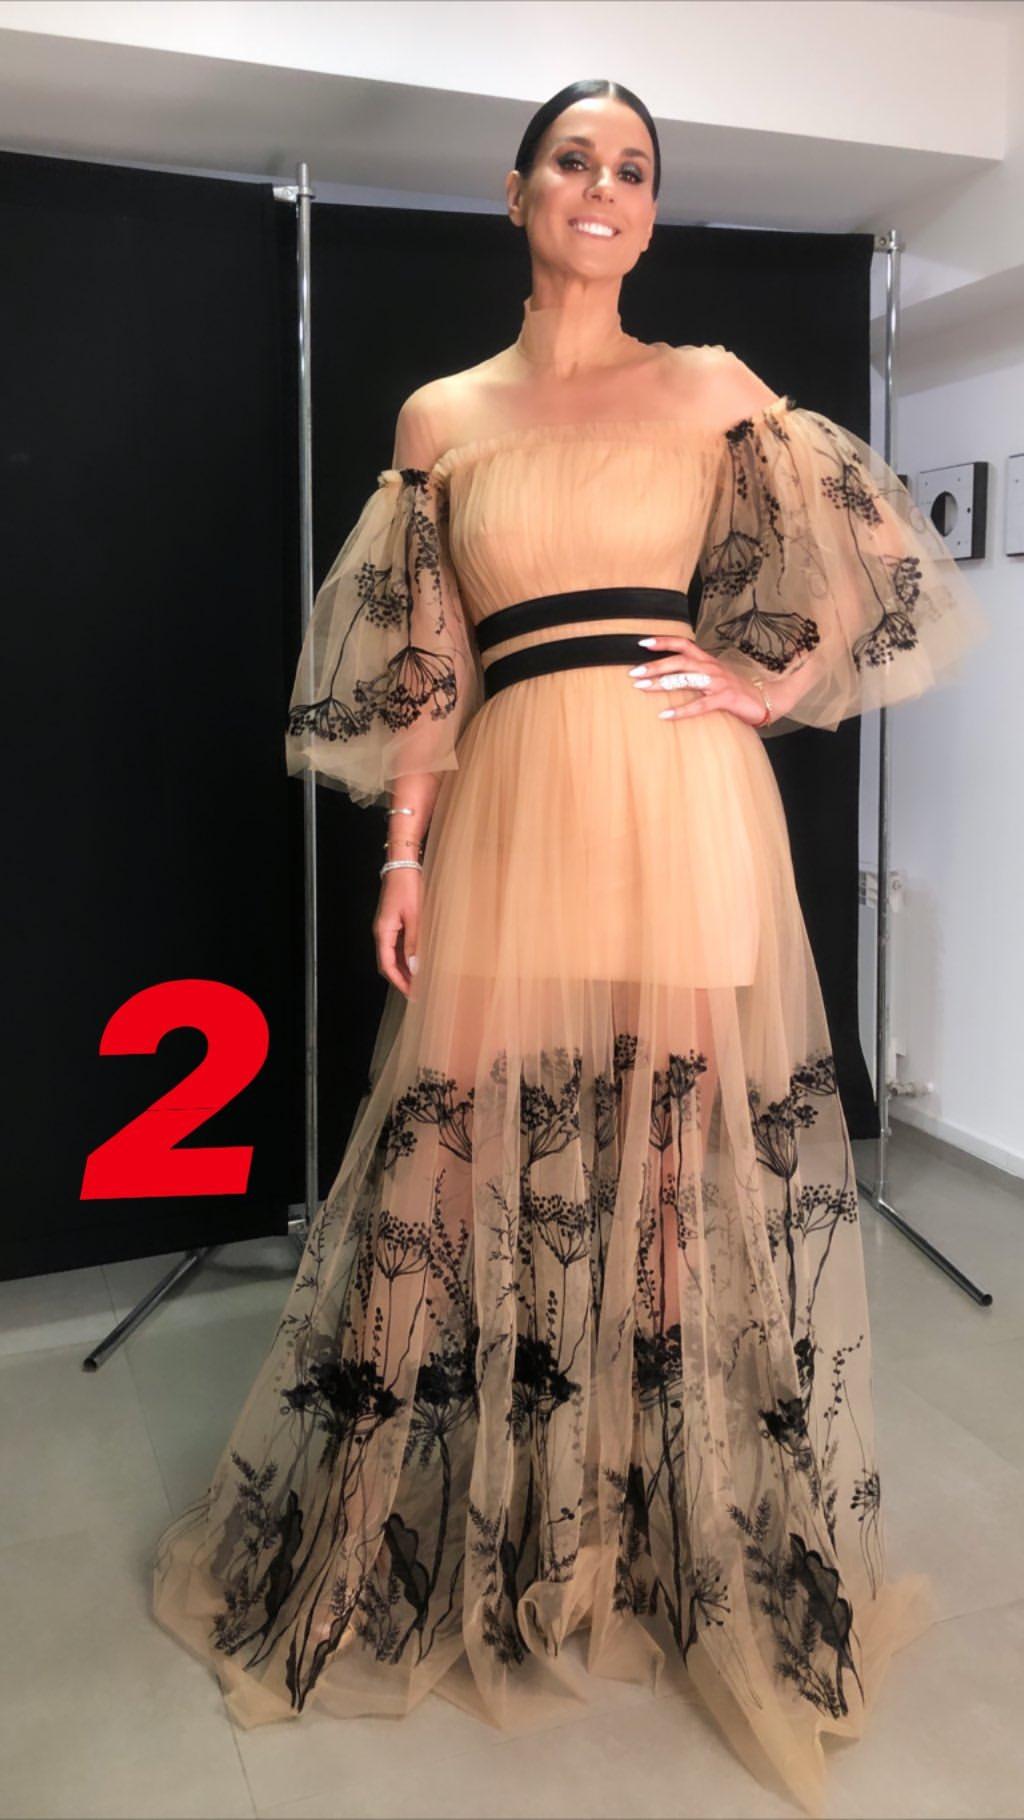 Идеальный вкус: Маша Ефросинина очаровала изысканным прозрачным нарядом